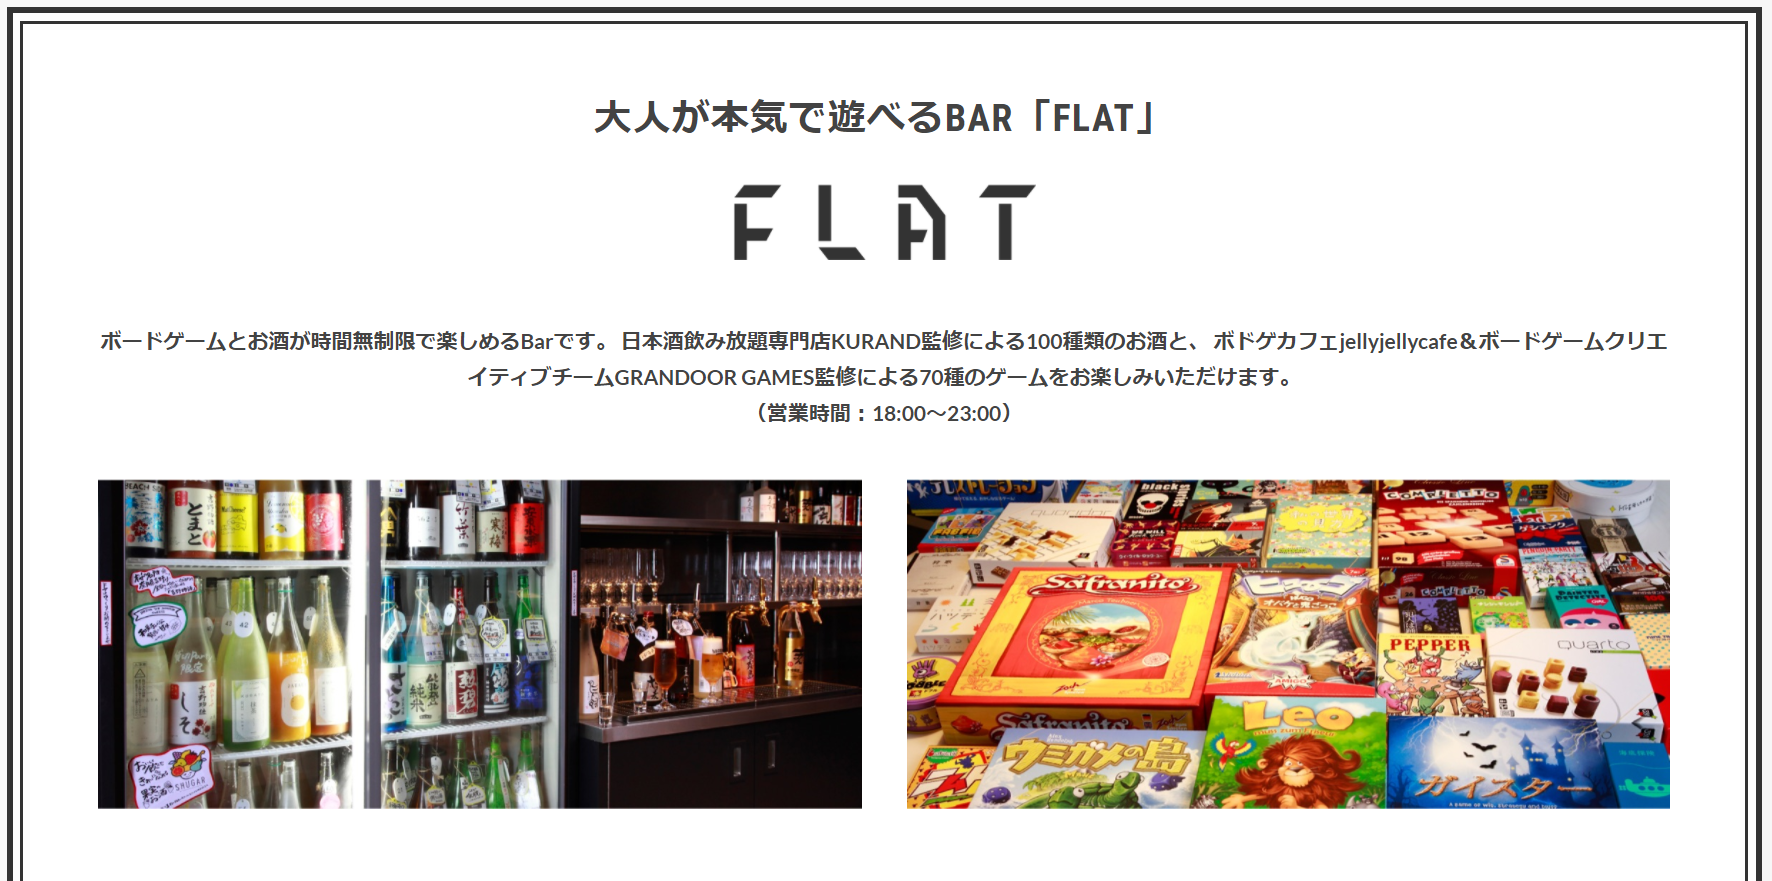 新宿『Glade Park』にボードゲームバー「FLAT」がオープン!